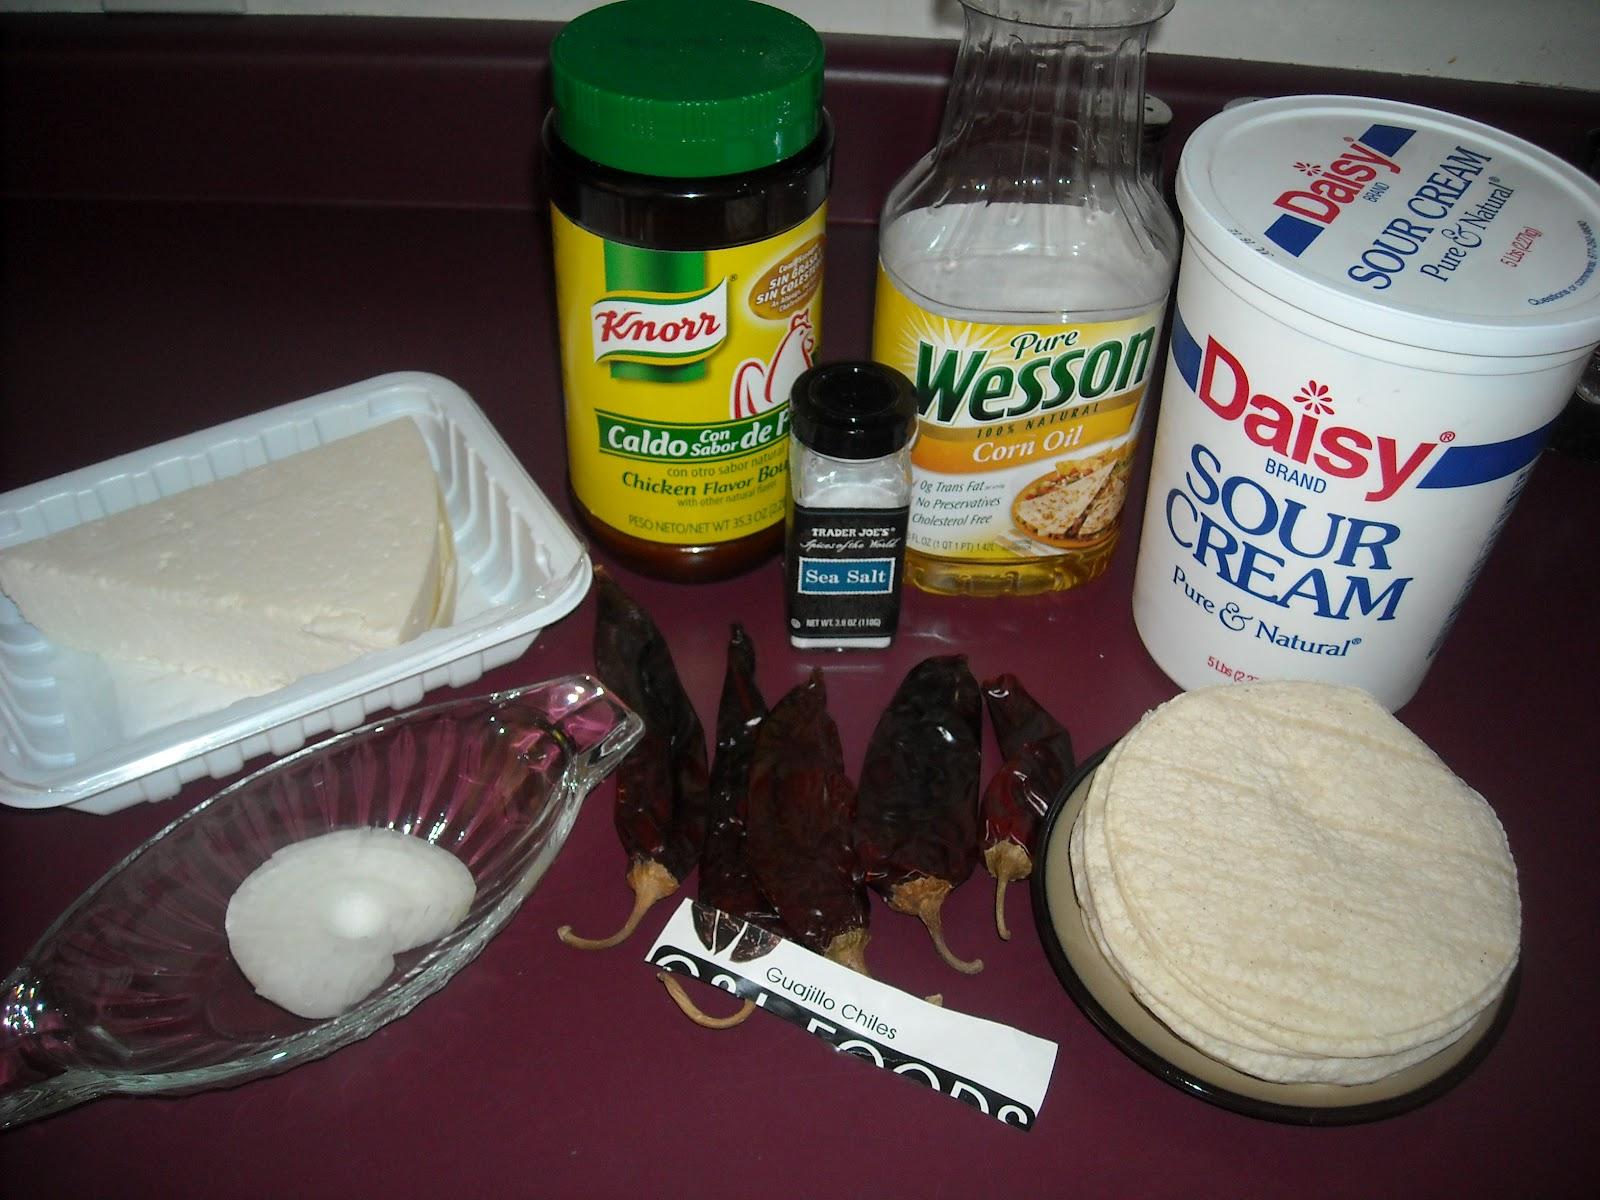 Serves 4) To make Chilaquiles Rojos en Salsa de Guajillo you will ...